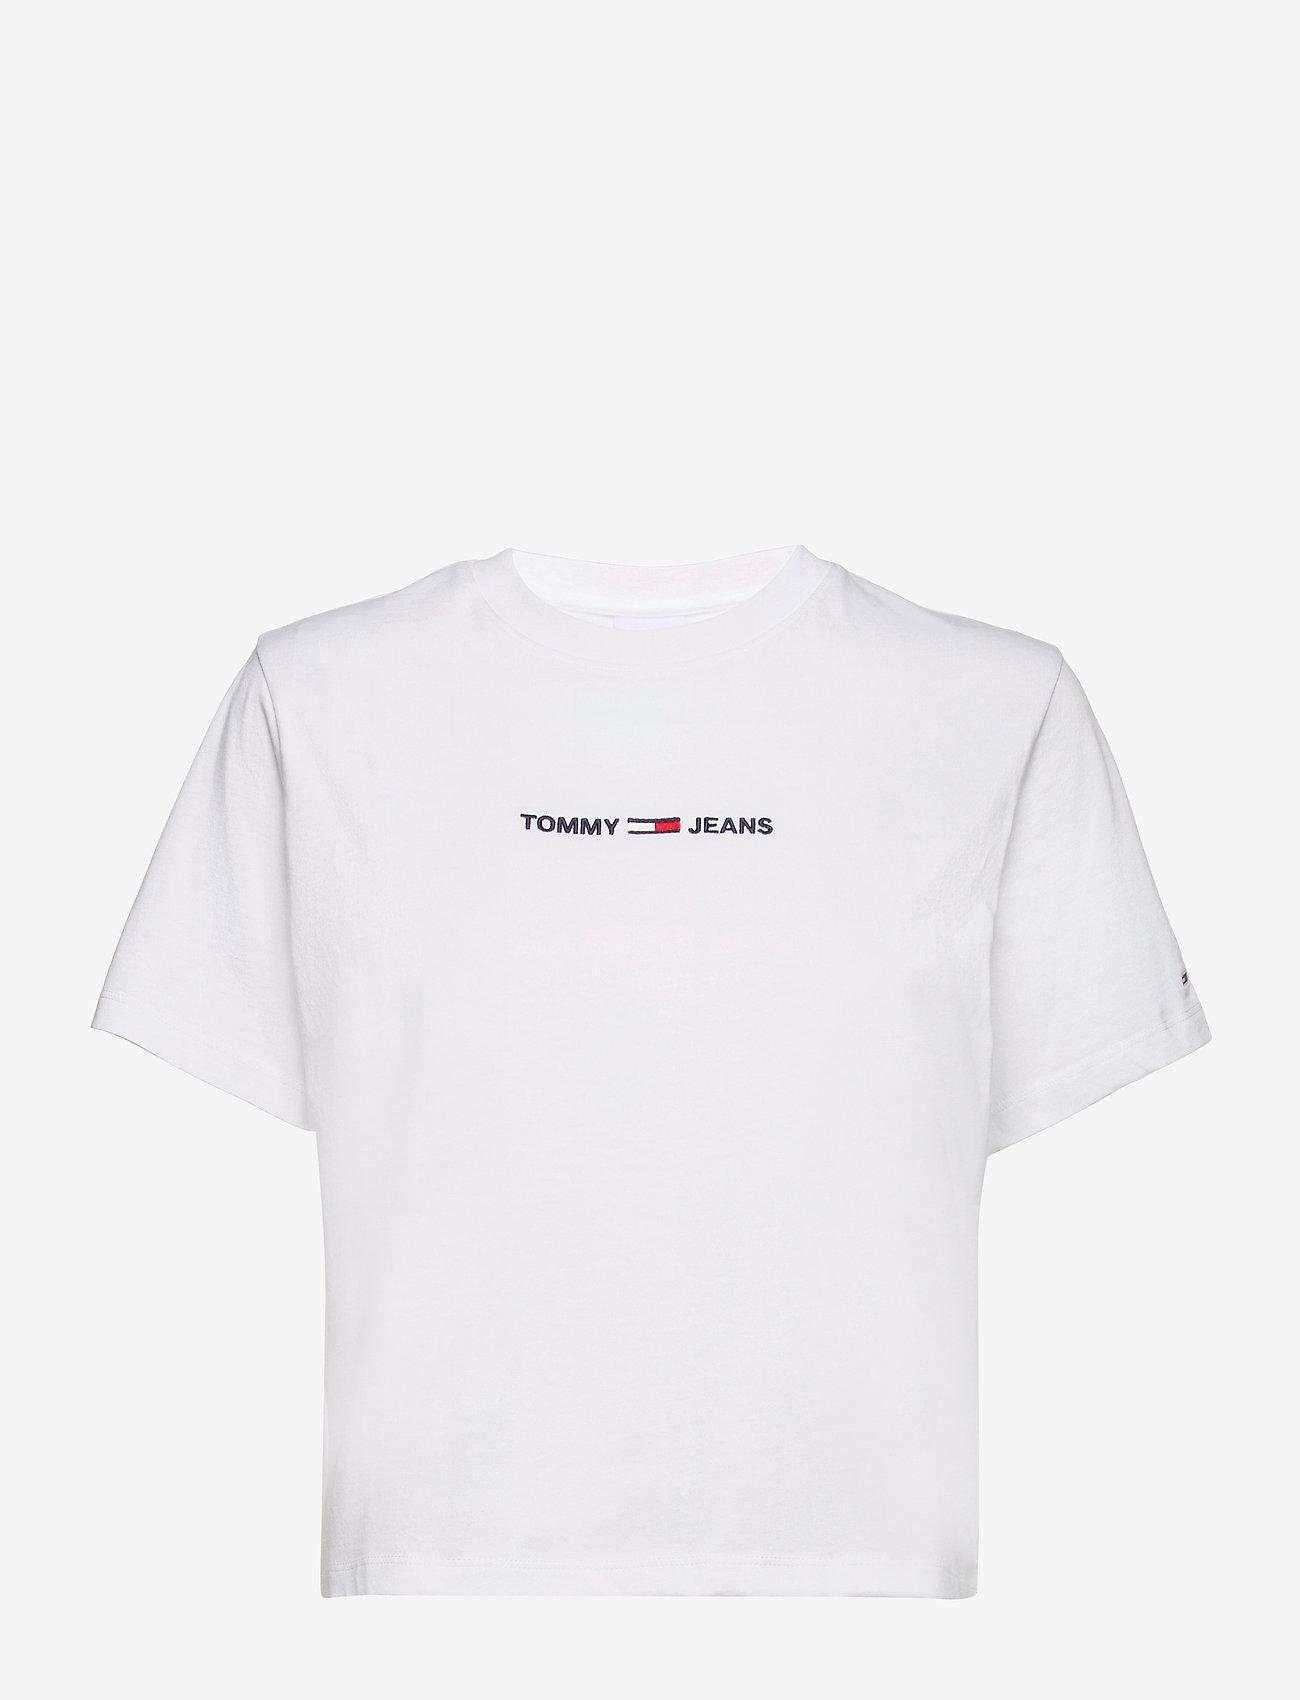 Tommy Jeans - TJW BXY CROP LINEAR LOGO TEE - crop tops - white - 0